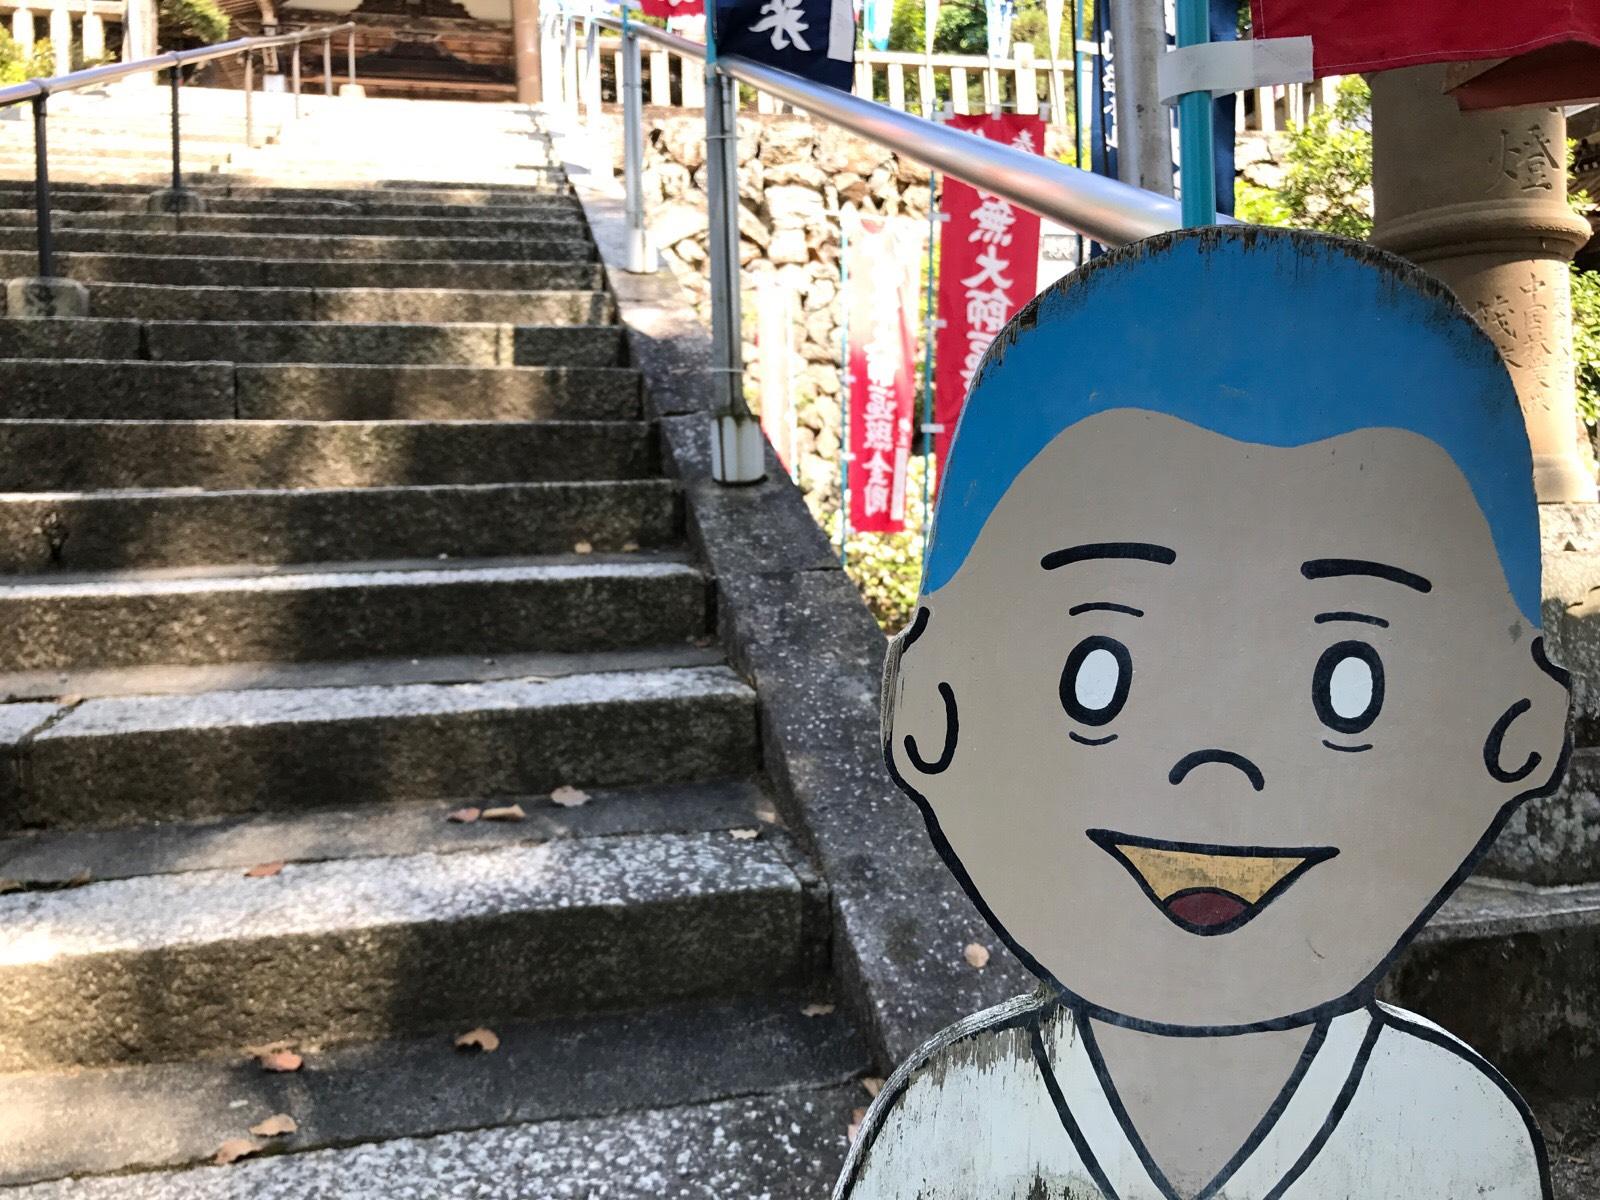 私が好きな岡山弁のひとつ:「せわーねー」大丈夫はおまじない